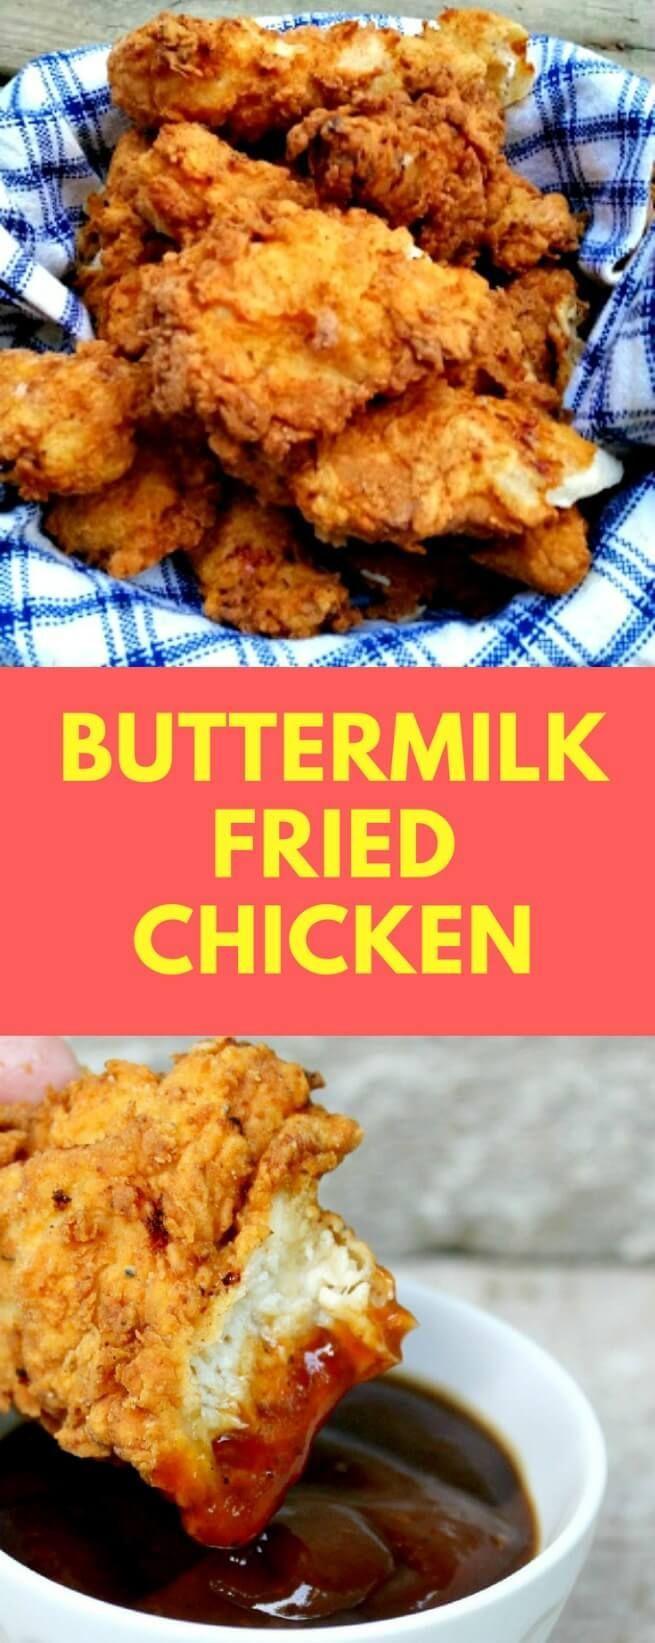 Buttermilk Fried Chicken Recipe Fried Chicken Recipe Easy Fried Chicken Recipes Chicken Recipes